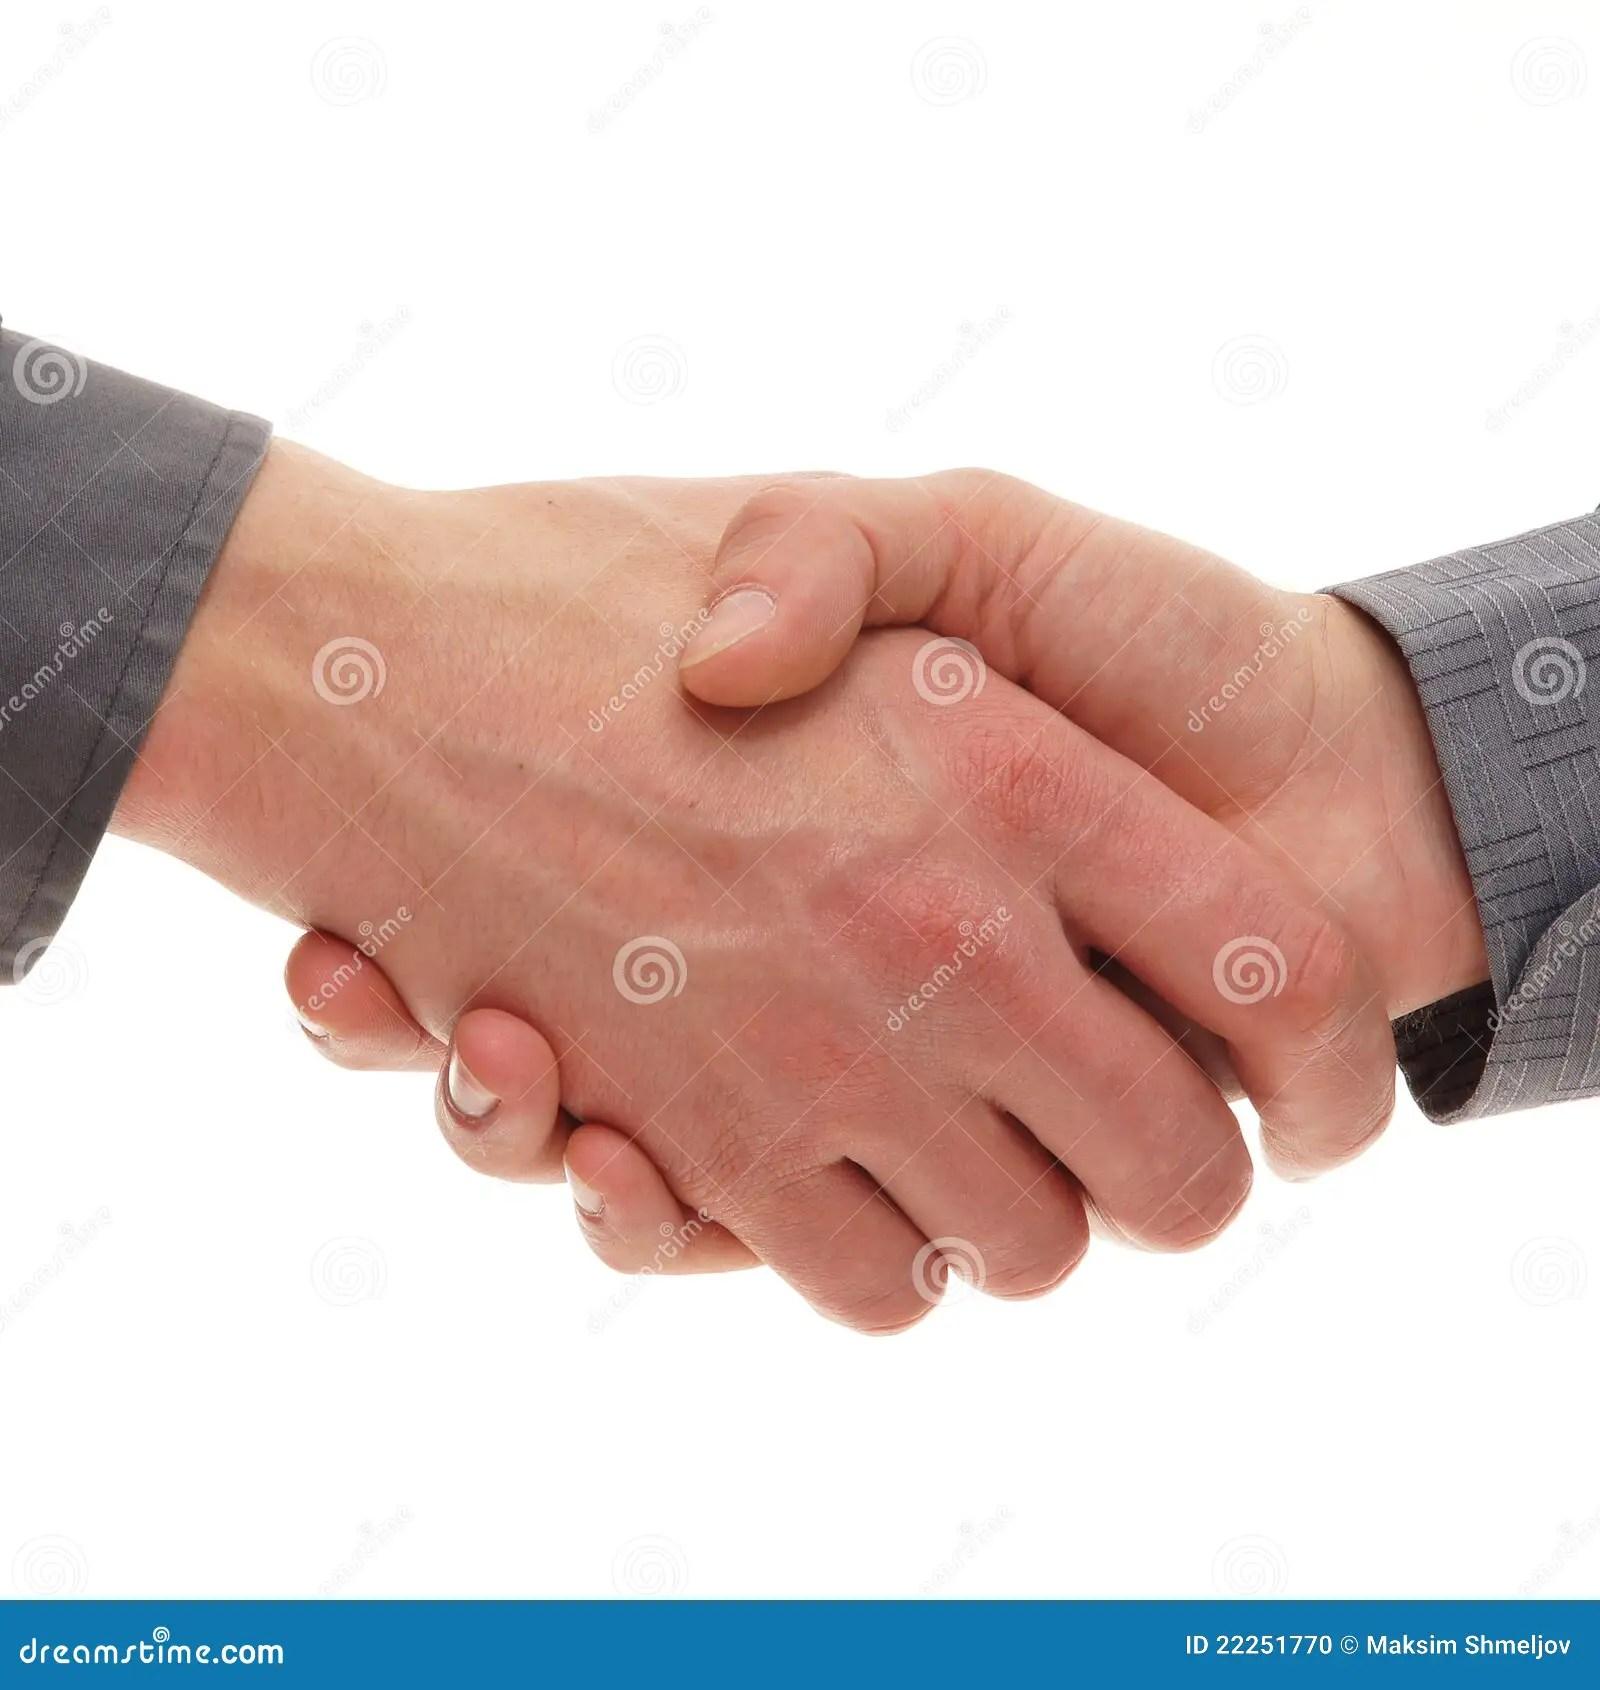 tcp three way handshake diagram kusudama flower interaction